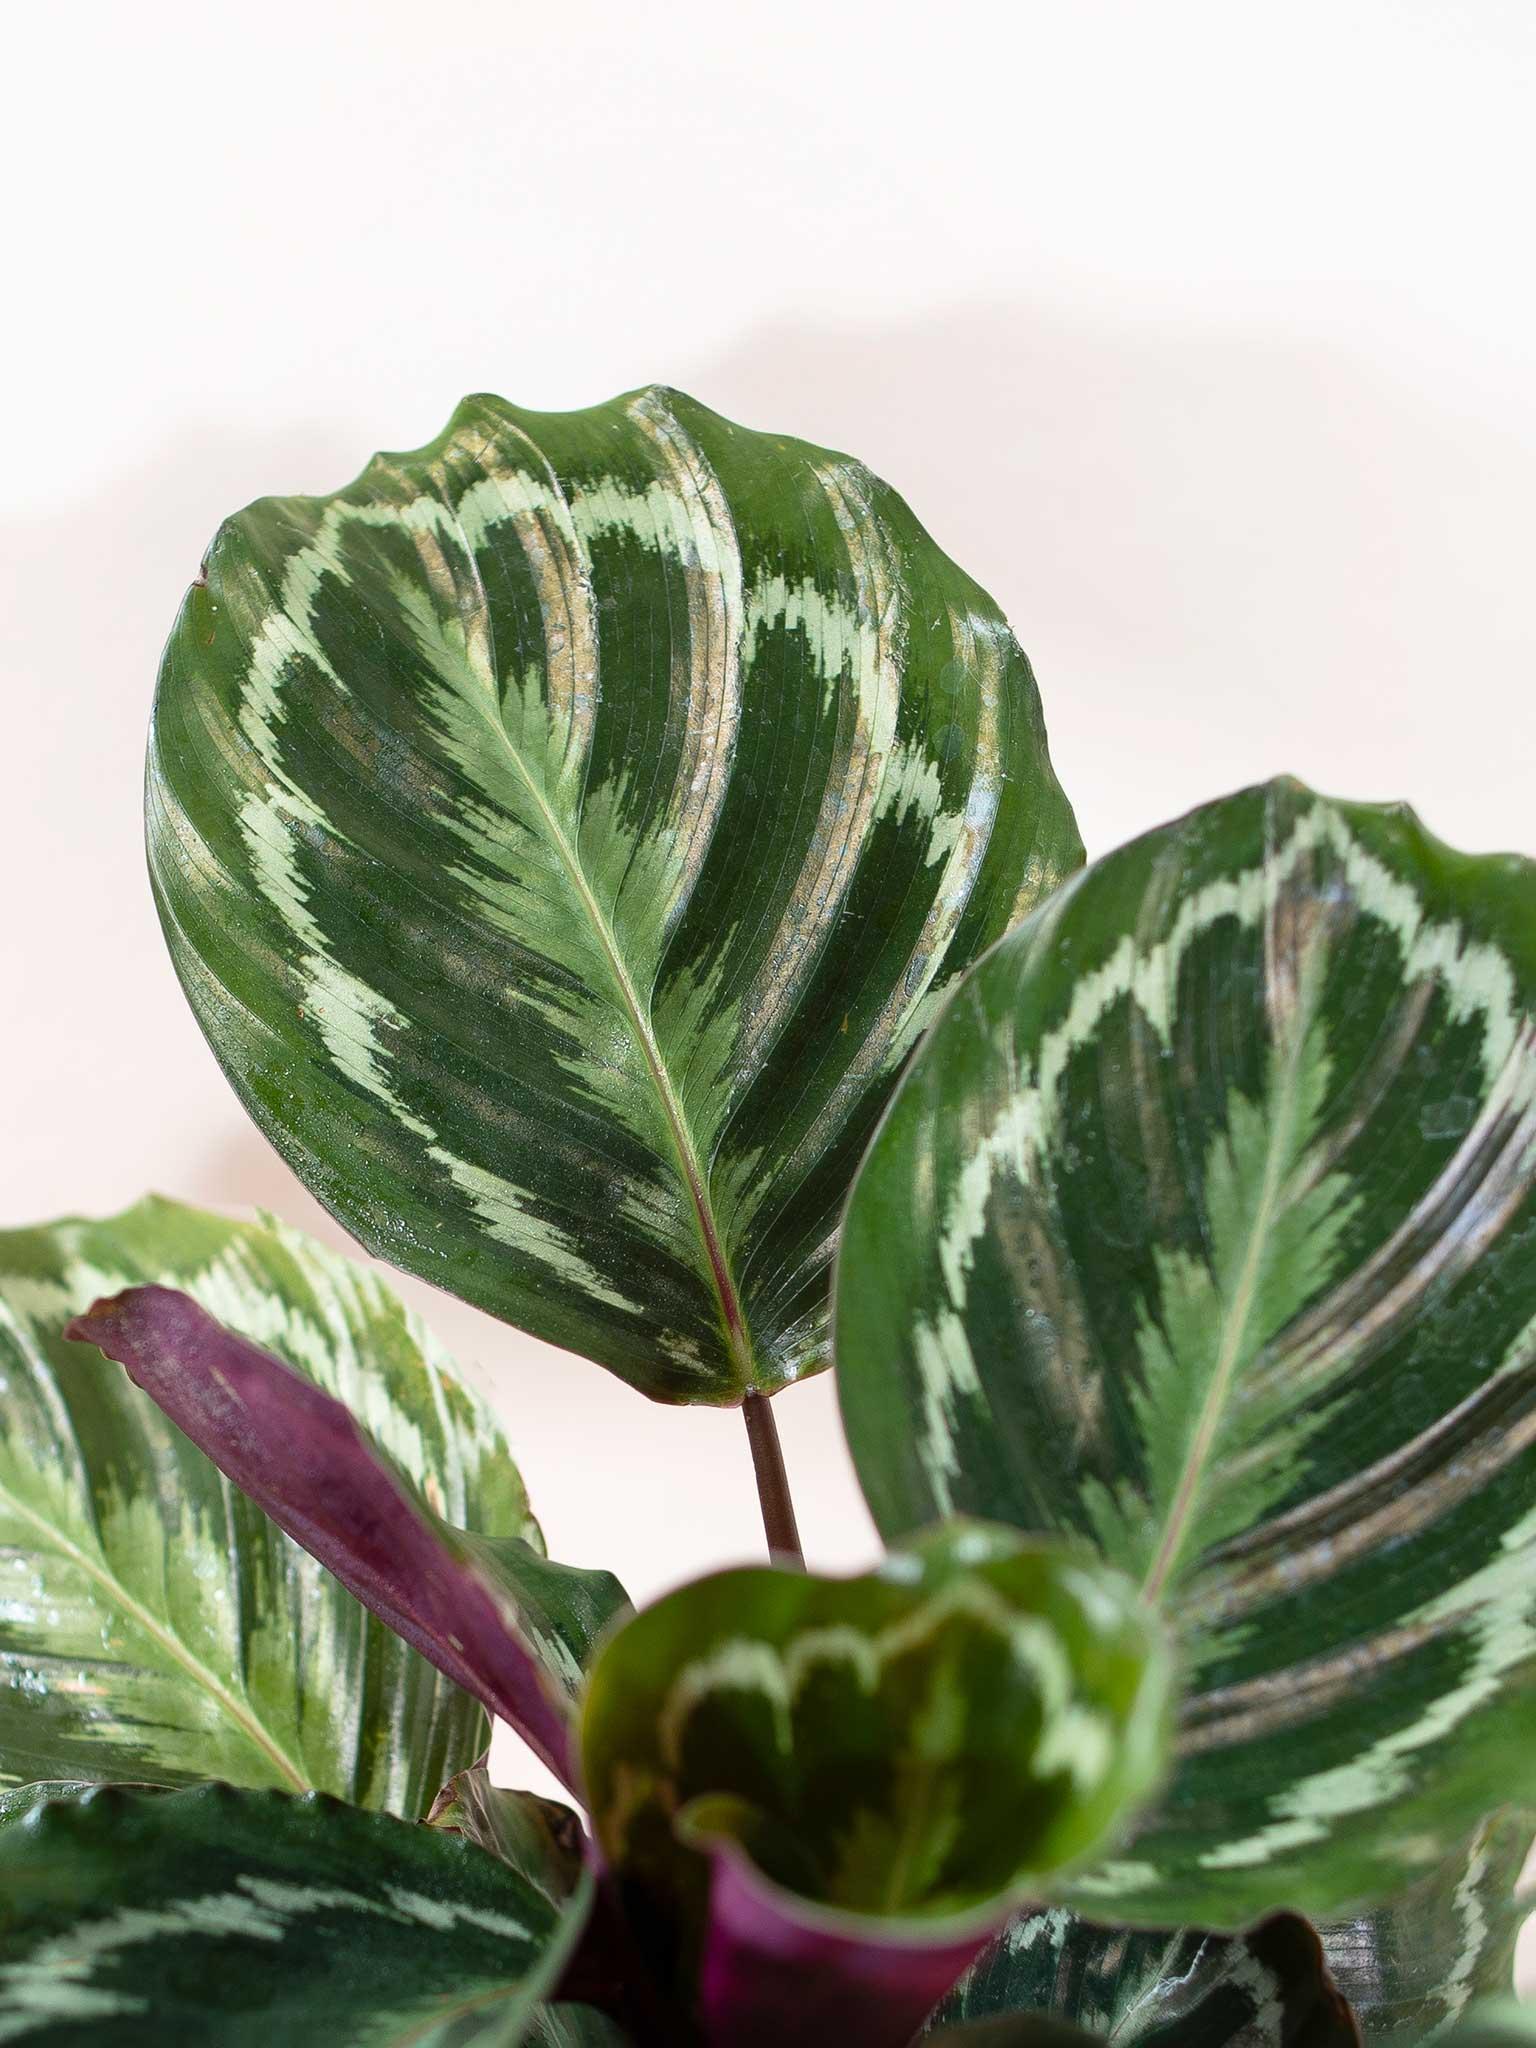 Calathea Medallion leaf up close